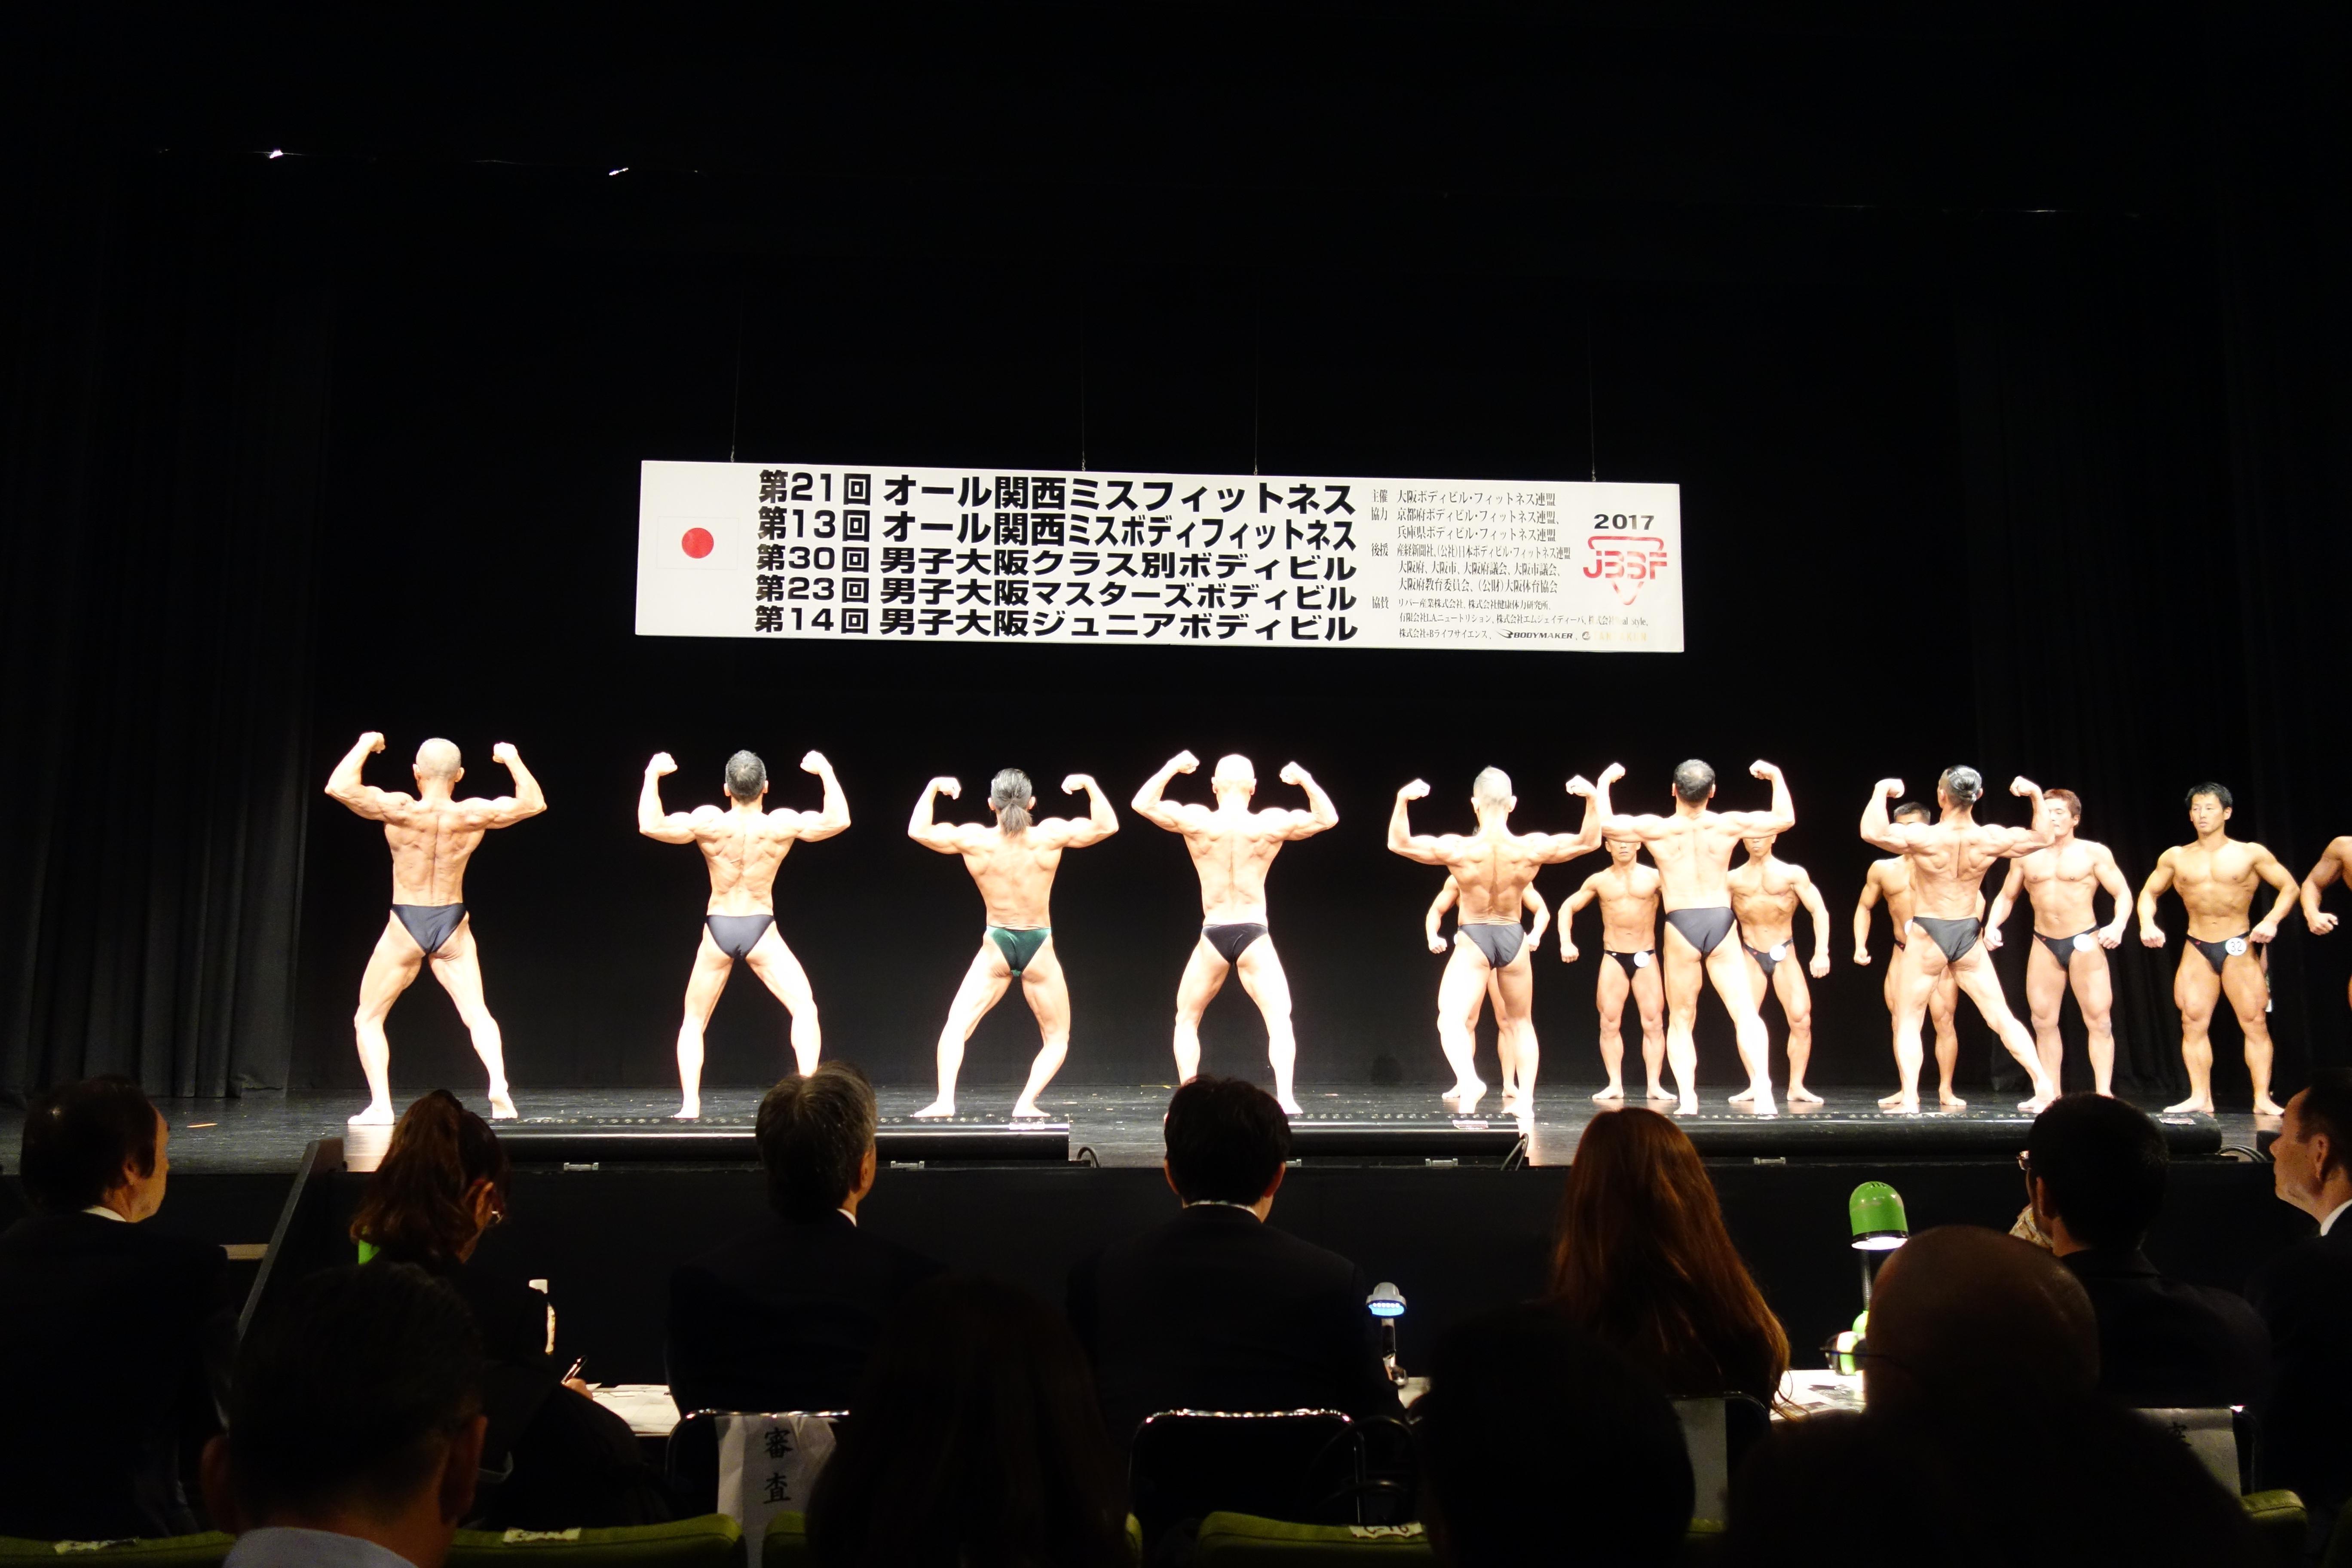 2017年JBBF大阪クラス別ボディビル大会を観戦してきたよ